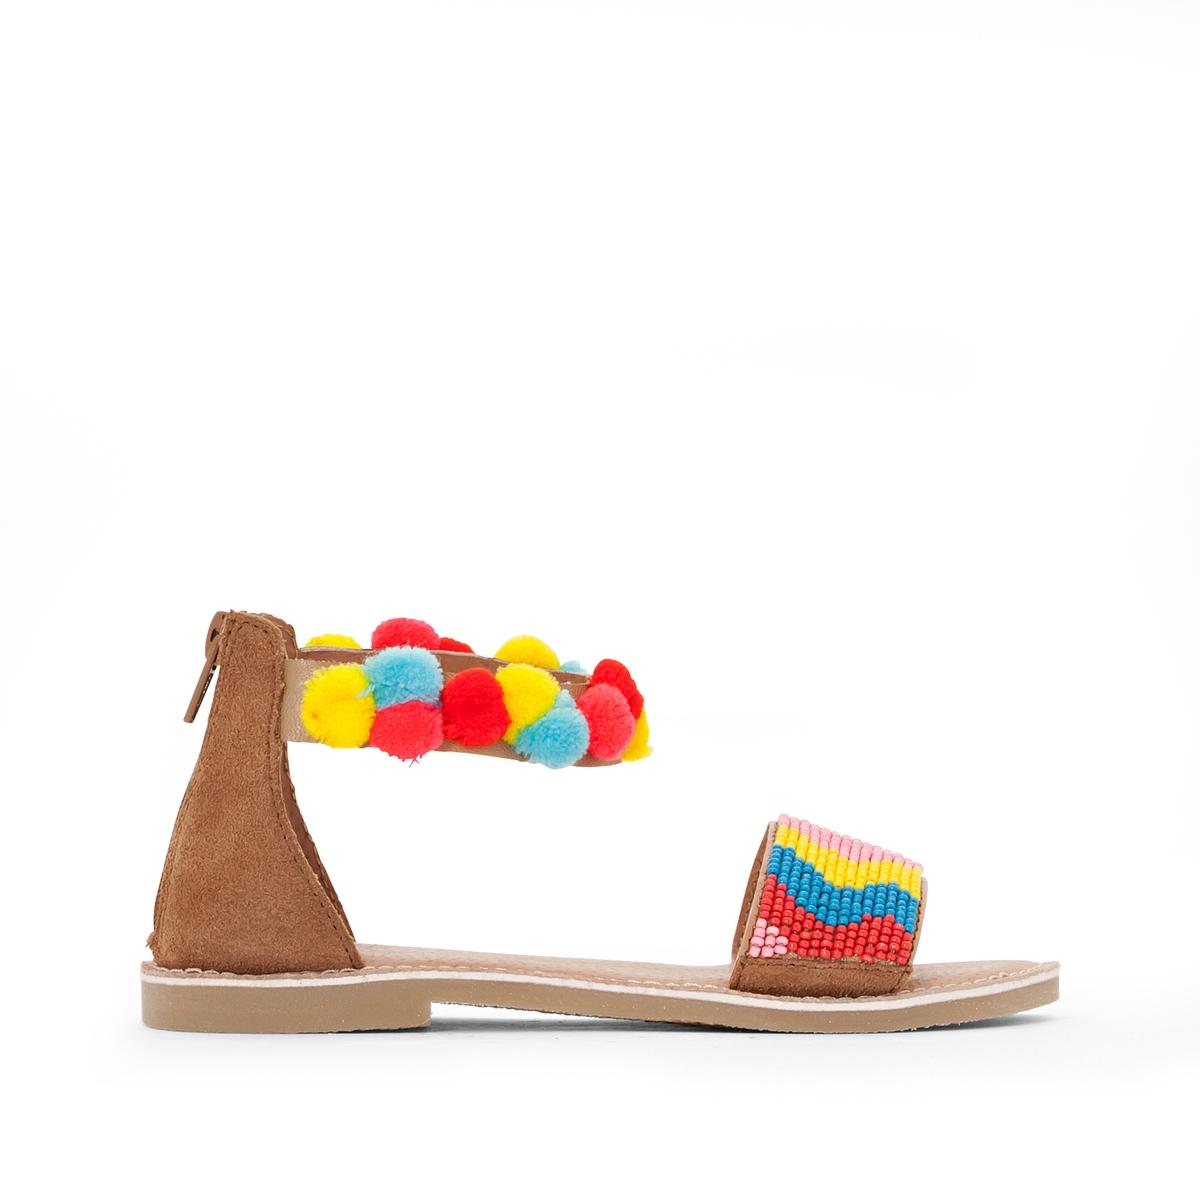 Сандалии кожаные, украшенные помпонами и бисером<br><br>Цвет: разноцветный<br>Размер: 35.31.34